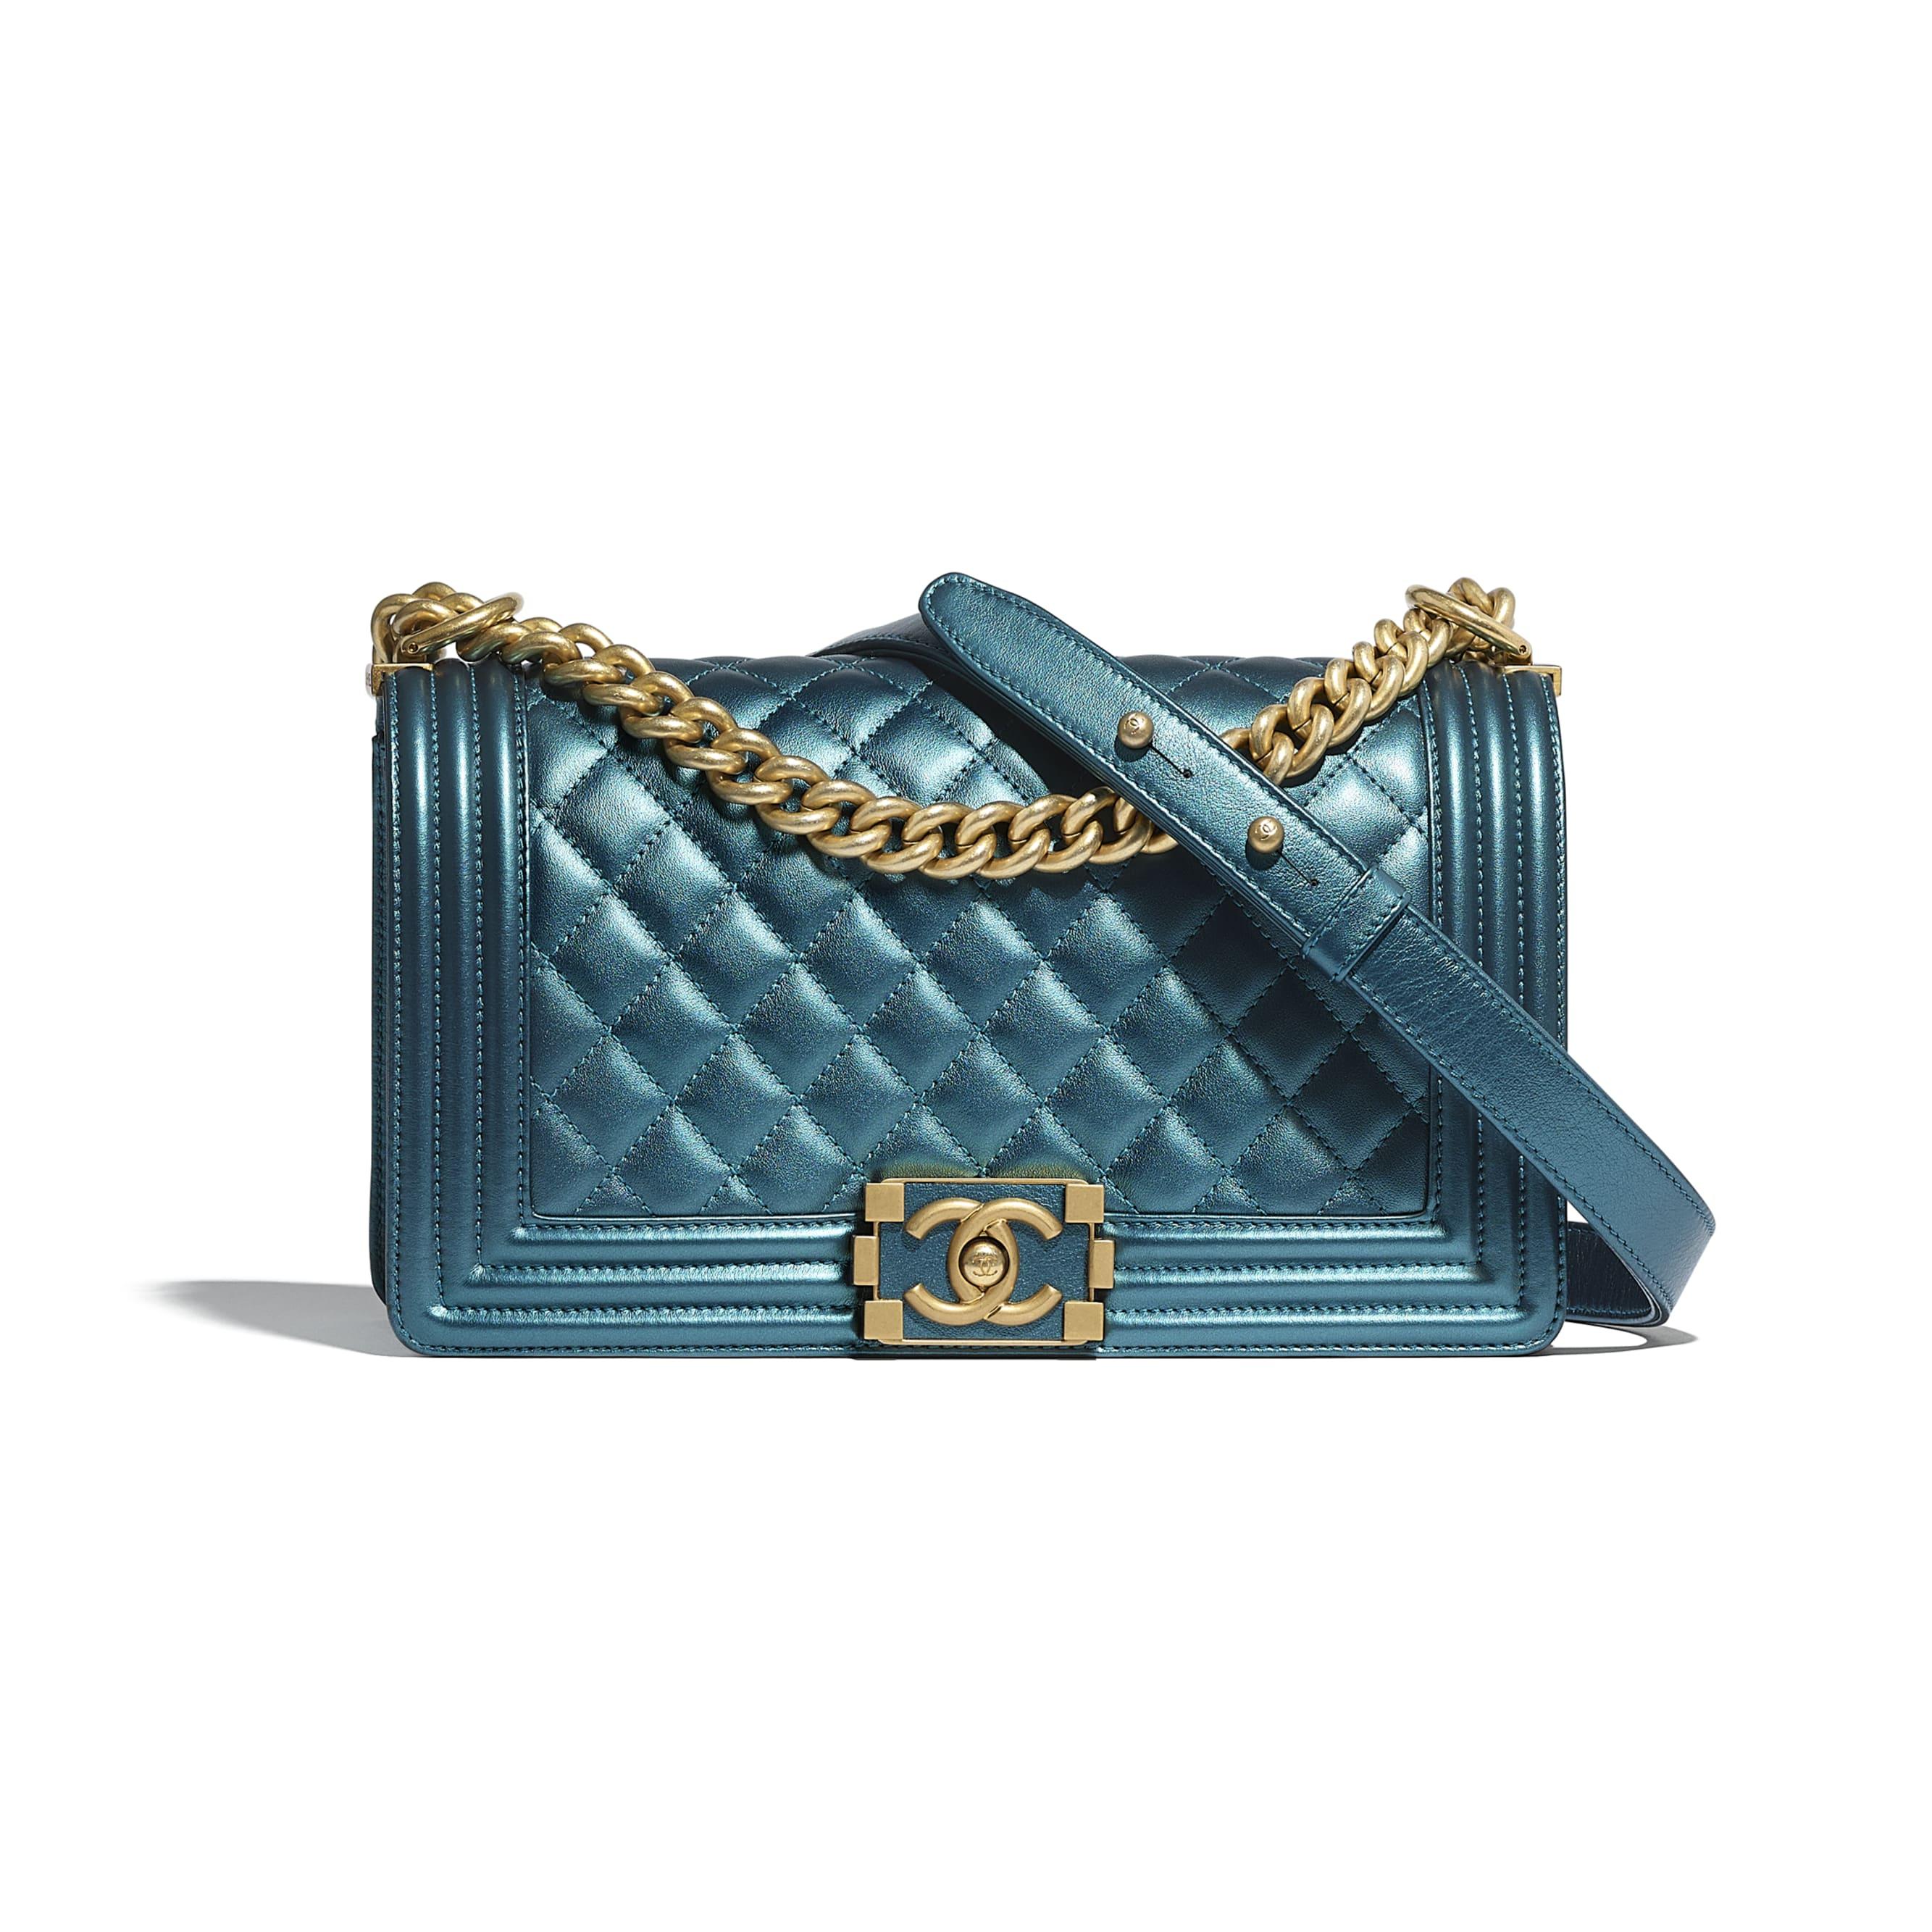 Sac BOY CHANEL - Bleu marine & blanc - Veau métallisé & métal doré - CHANEL - Vue par défaut - voir la version taille standard